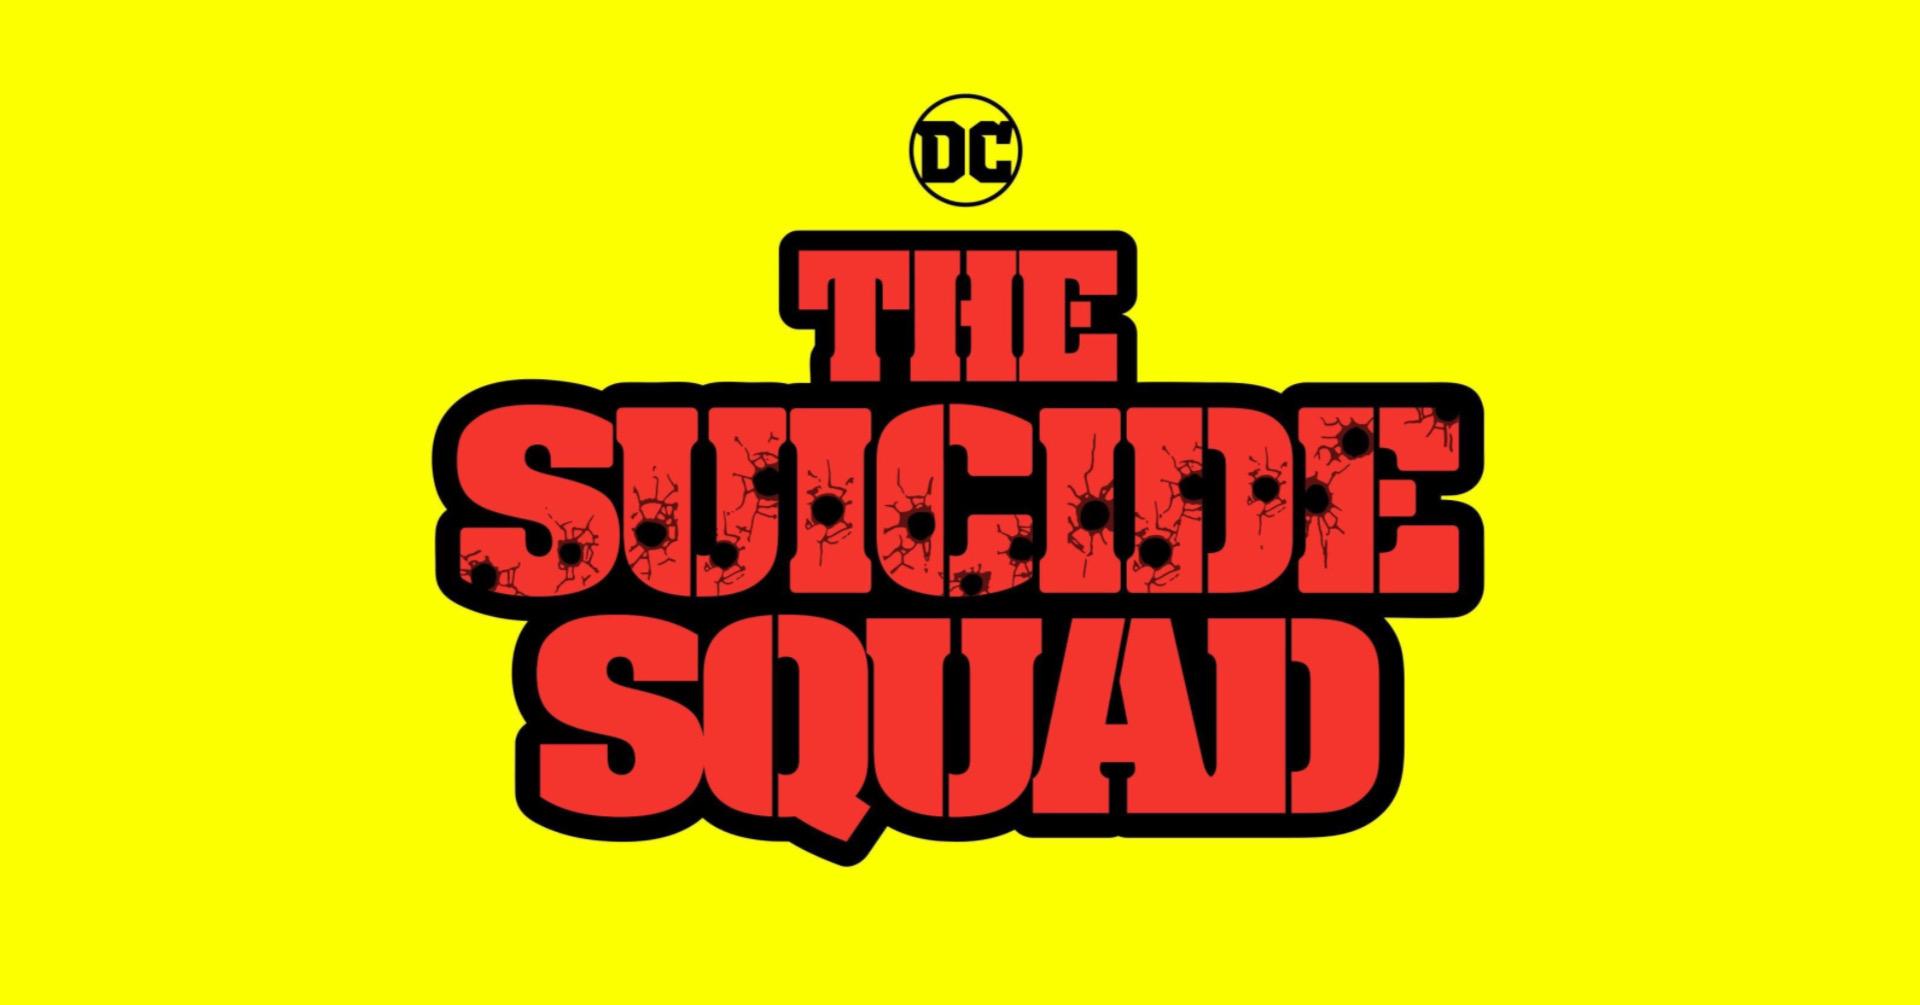 The Suicide Squad – Ecco il logo in tutte le lingue